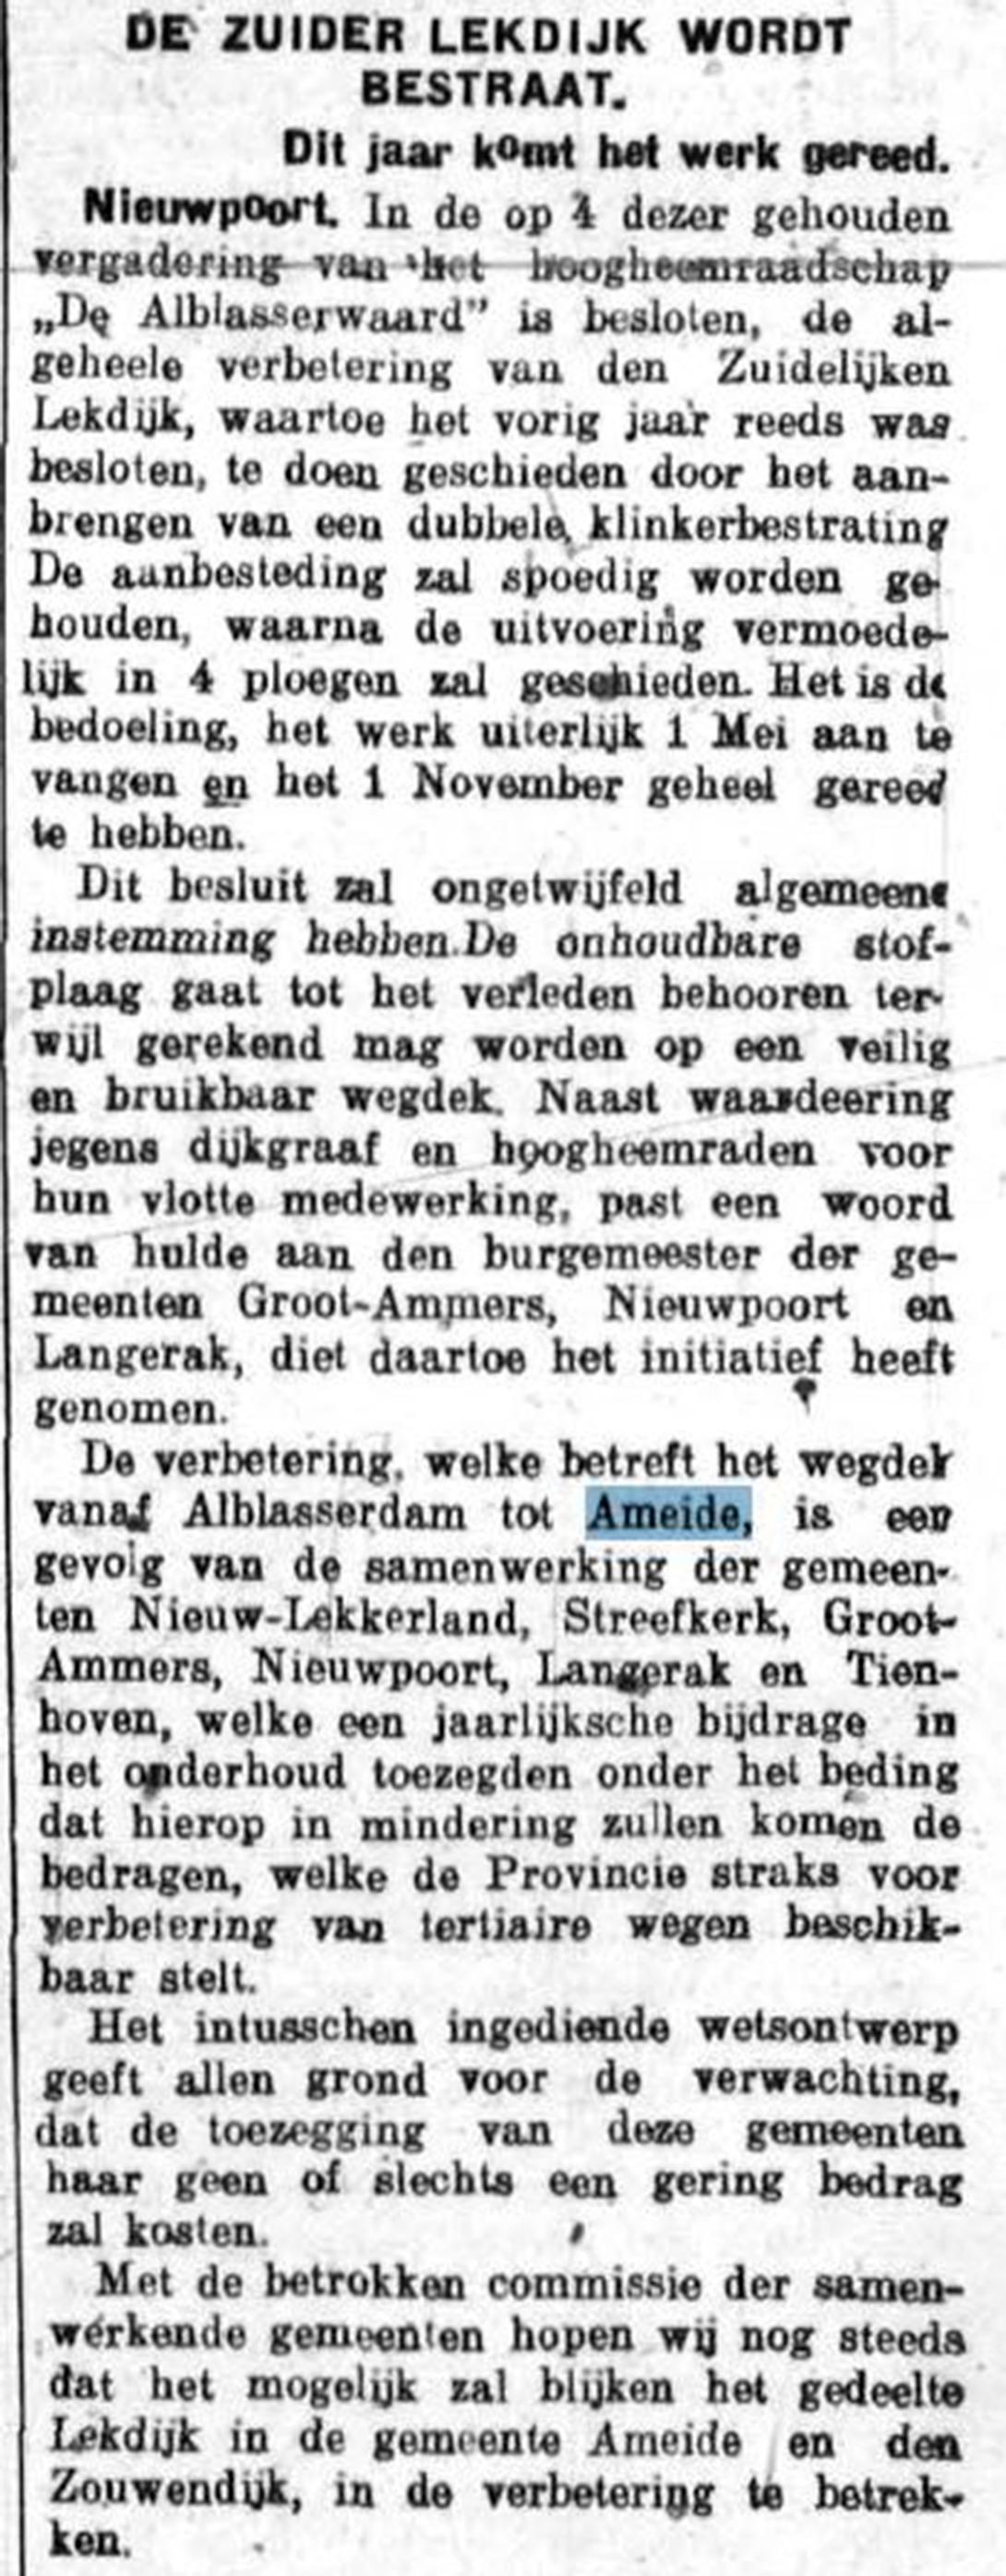 Schoonhovensche Courant 07781 1937-03-08 artikel 01